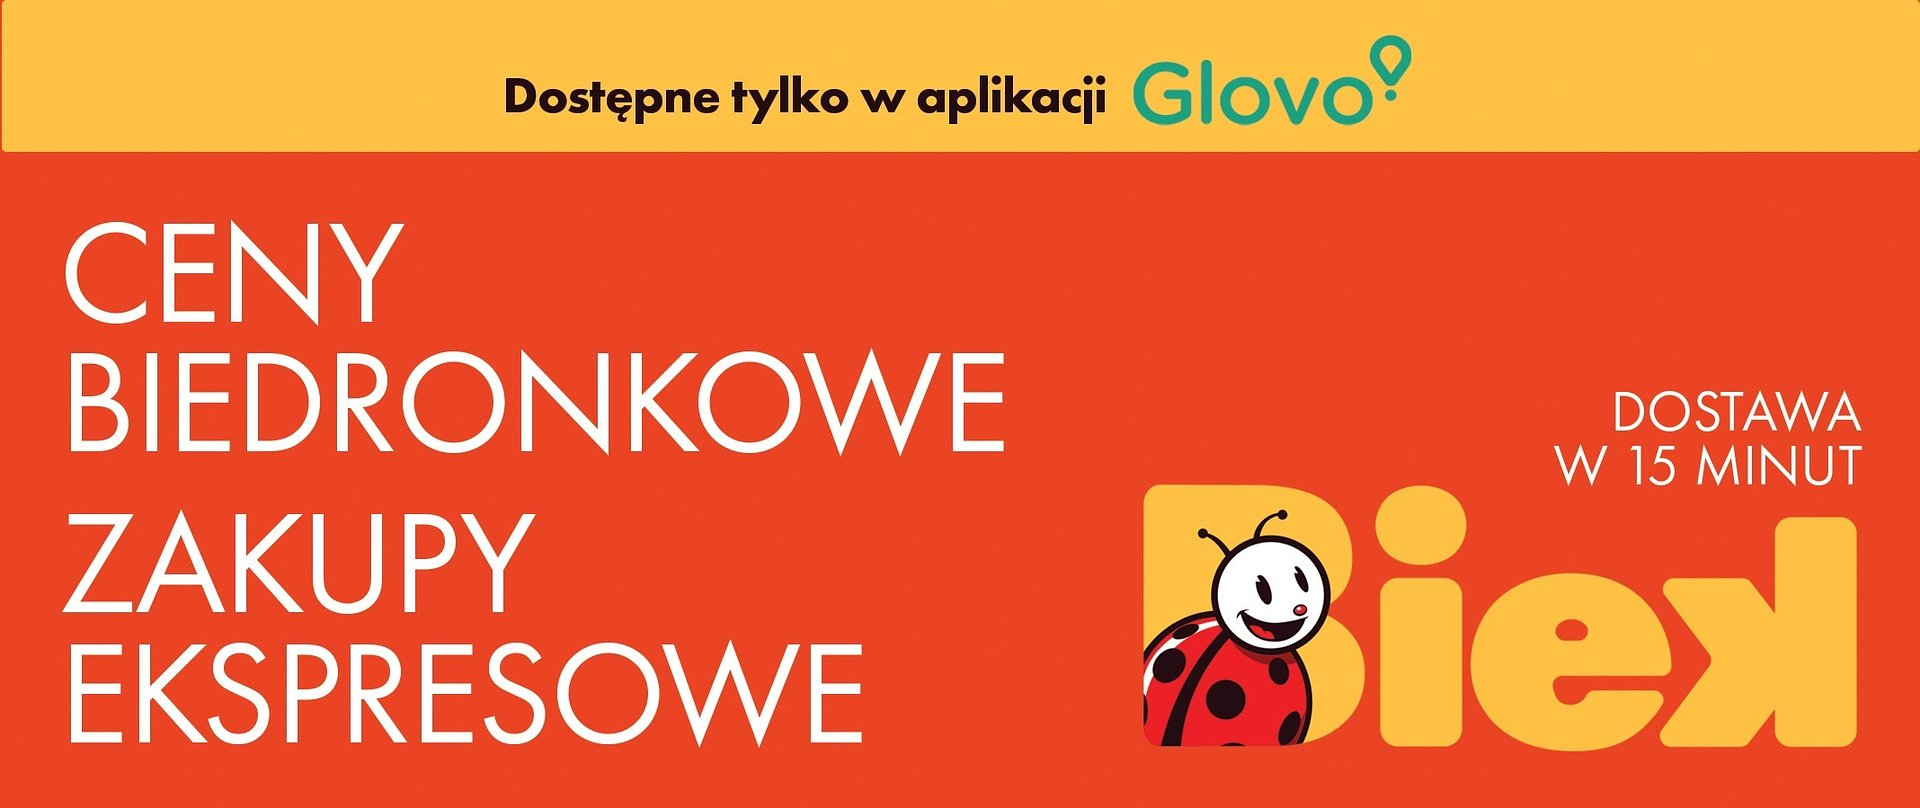 BIEK: Biedronka i Glovo uruchamiają pionierską usługę ultraszybkiej dostawy w Polsce